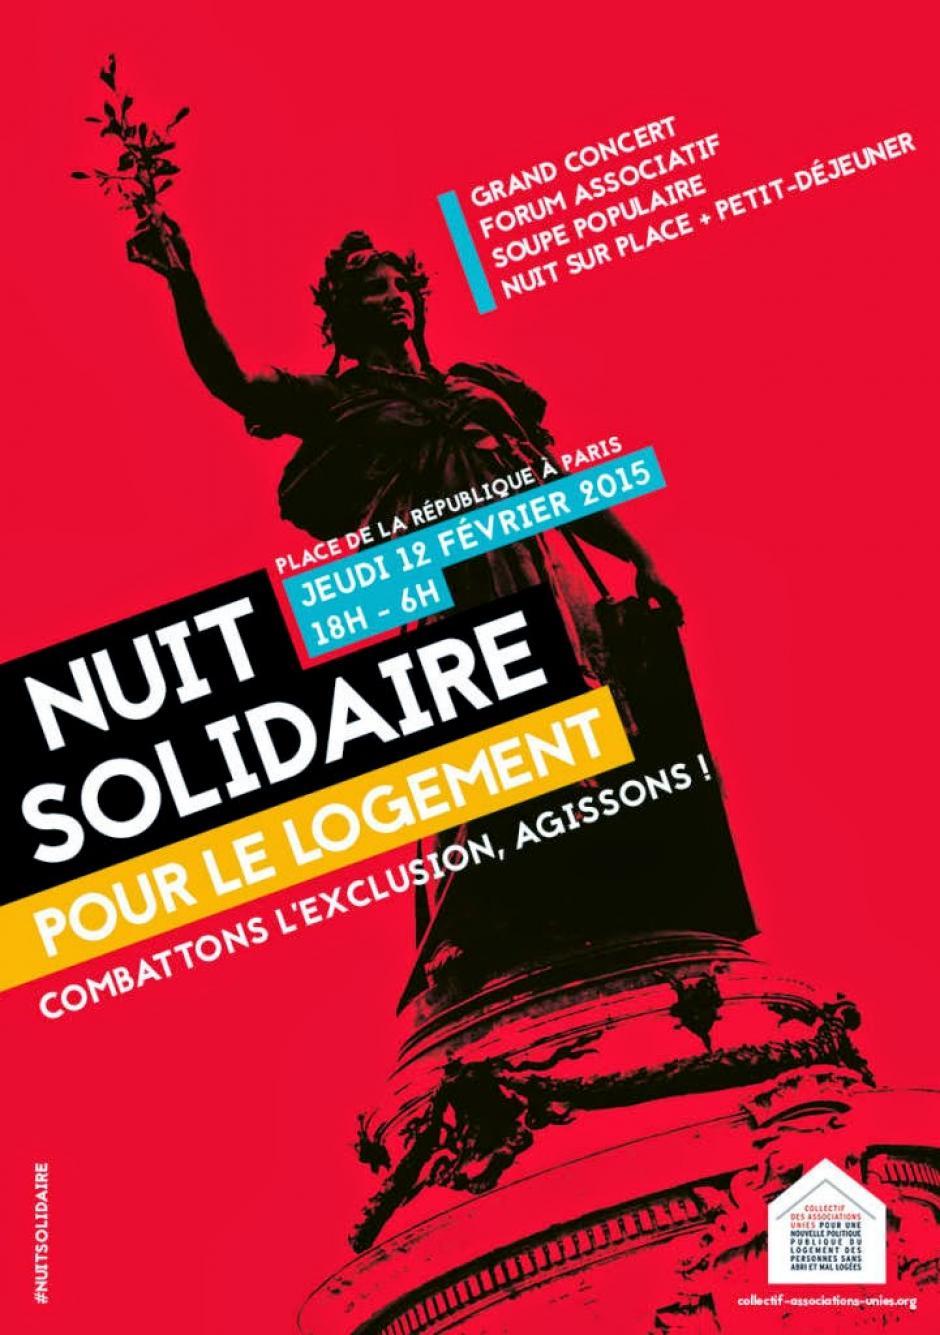 Nuit solidaire du 12 février